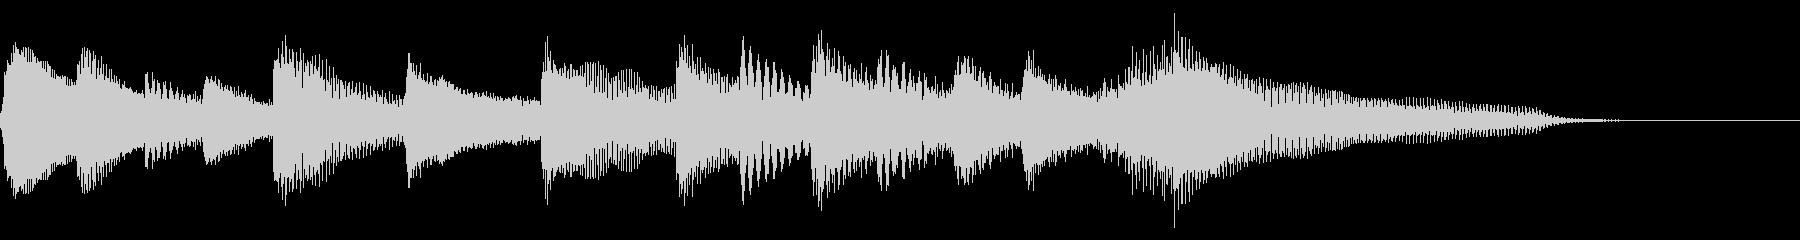 【ジングル】落ち着きのあるピアノソロの未再生の波形